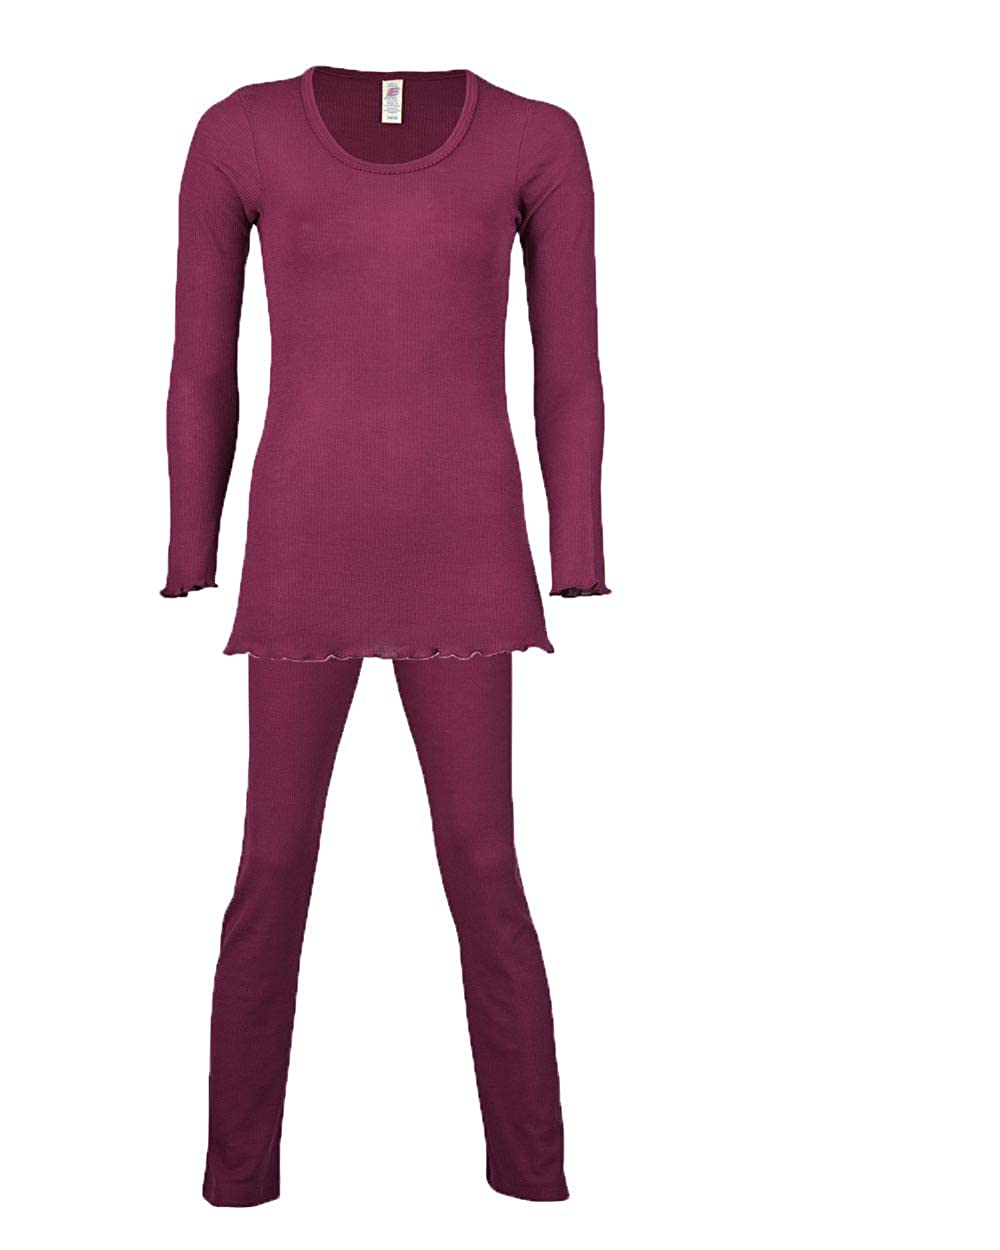 Engel Damen Pyjama/Schlafanzug, Natur, Wolle (kbT) und Seide Wolle (kbT) und Seide (42/44 Orchidee) SET774950